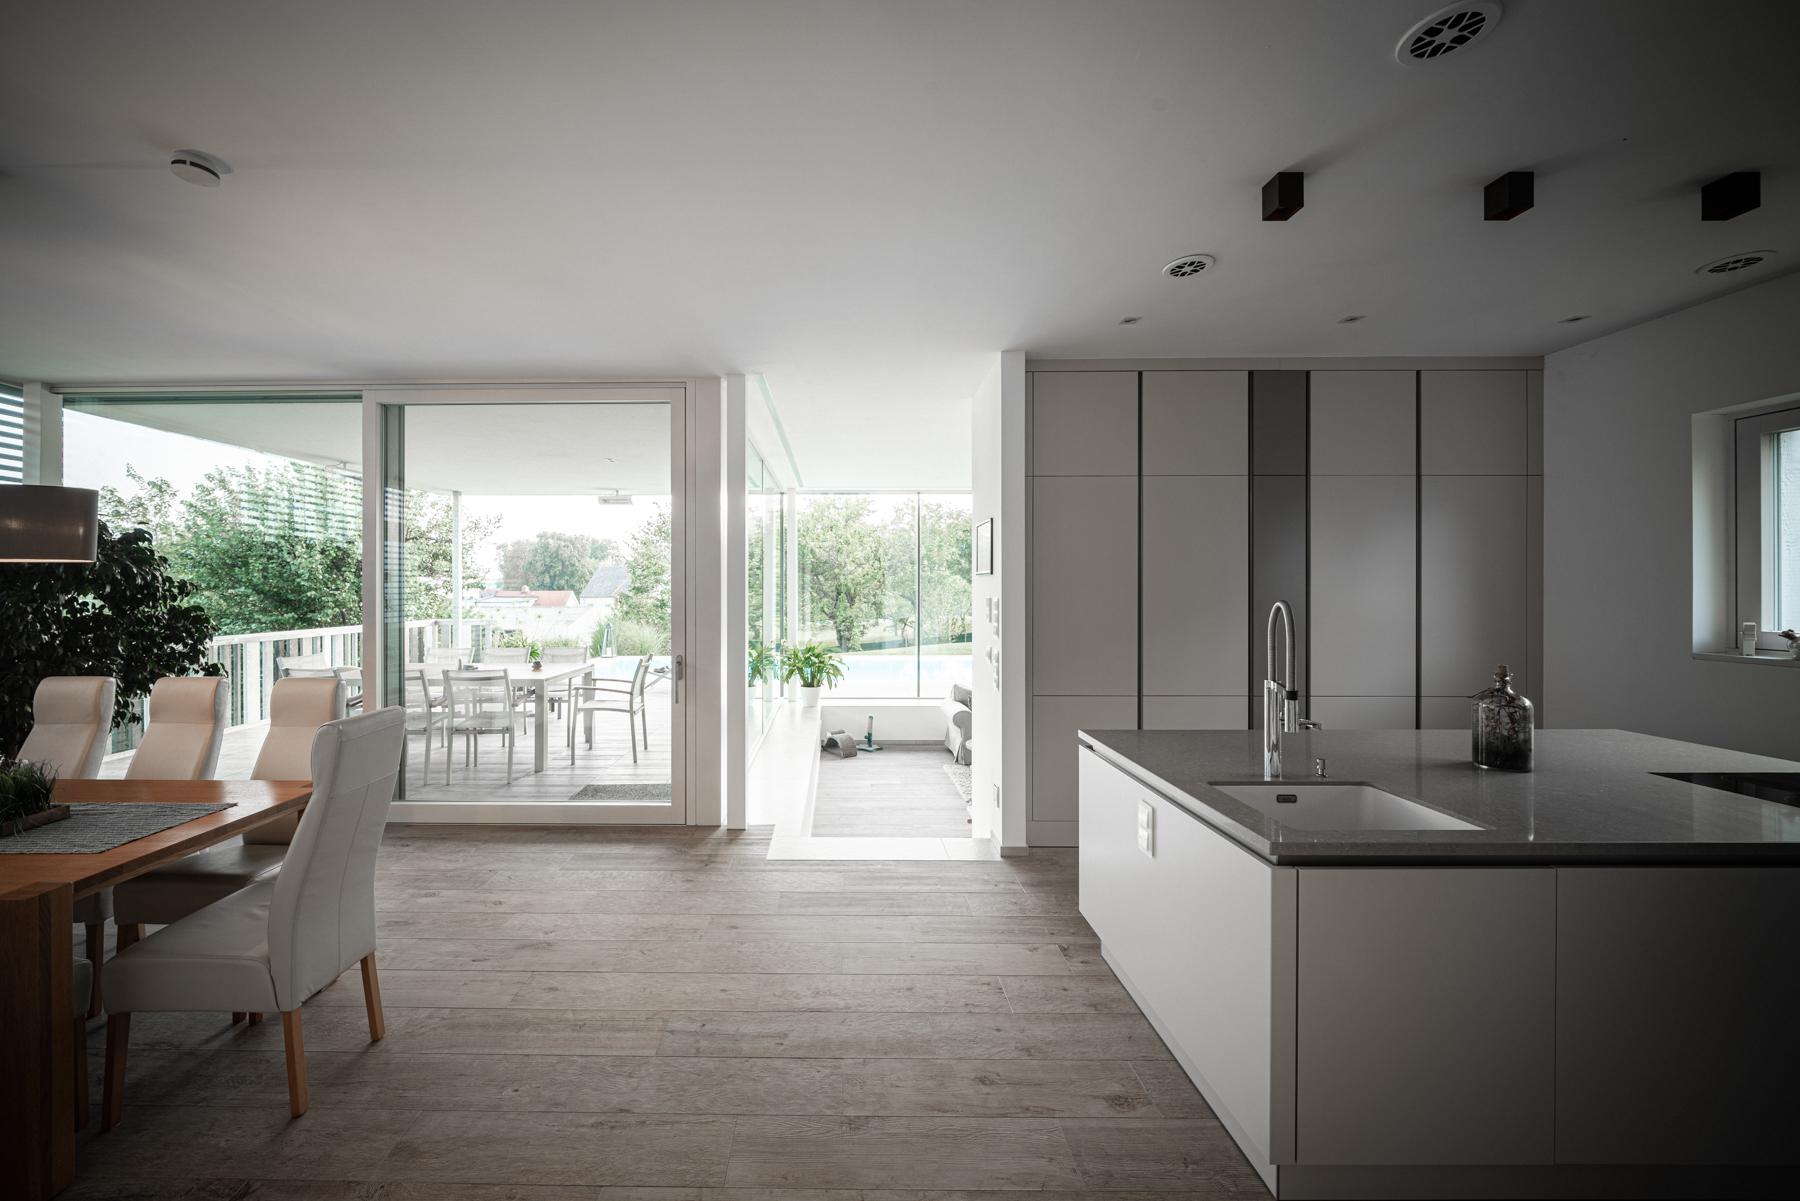 Einfamilienhaus Eisenstadt-Wohnzimmer-Küche-Michael Pinzolits-Architekturfotografie-Immobilienfotografie-Fotograf-Architekturfotograf-www.michaelpinzolits.com